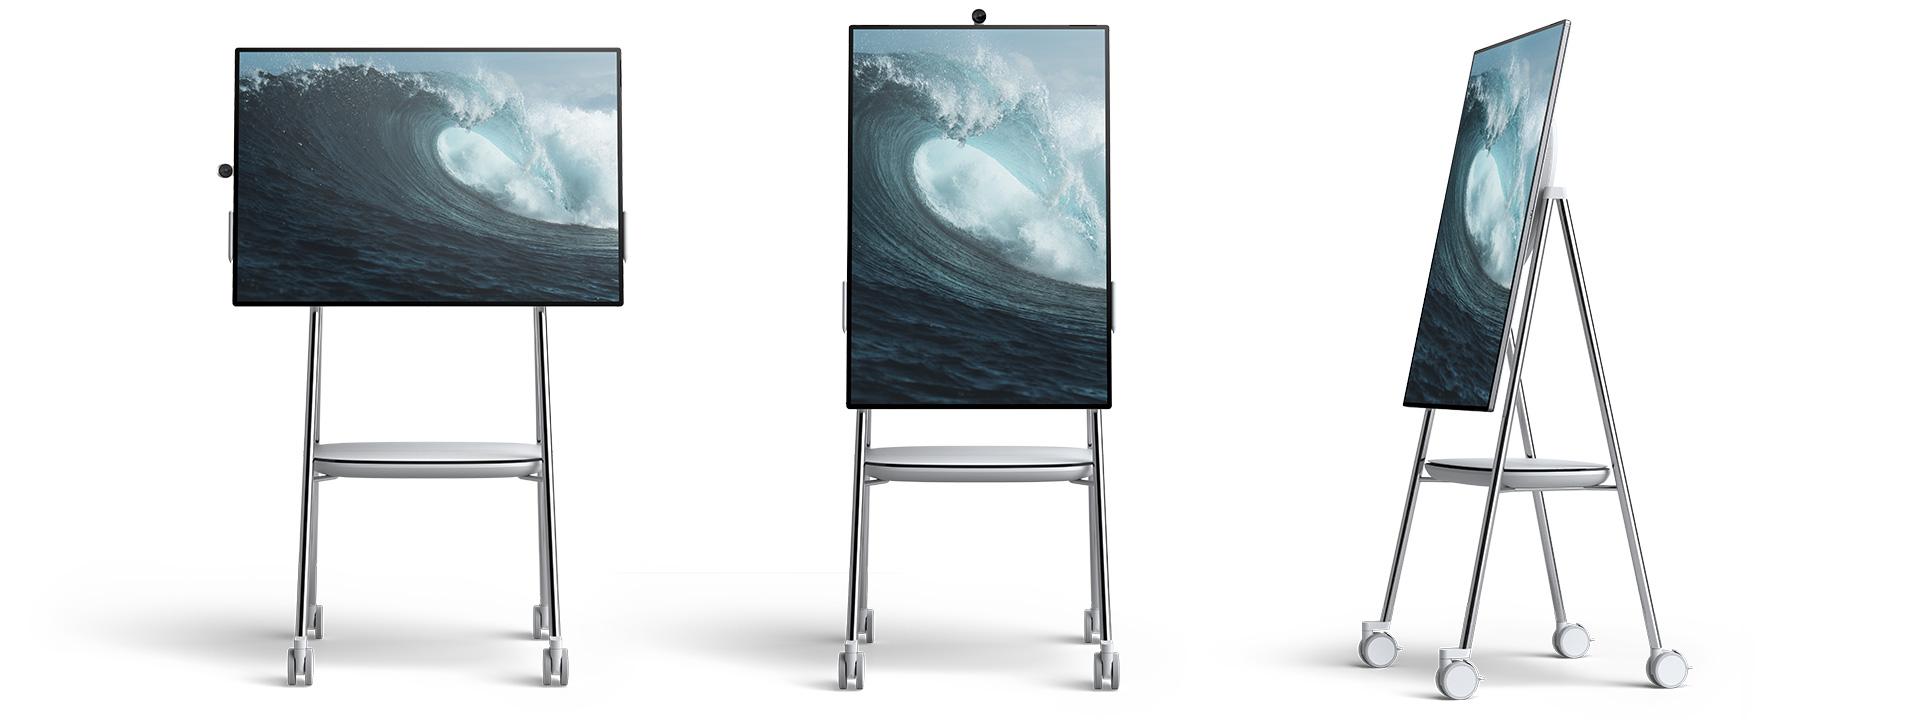 Tres dispositivos Surface Hub 2 montados sobre soportes móviles diseñados por Steelcase